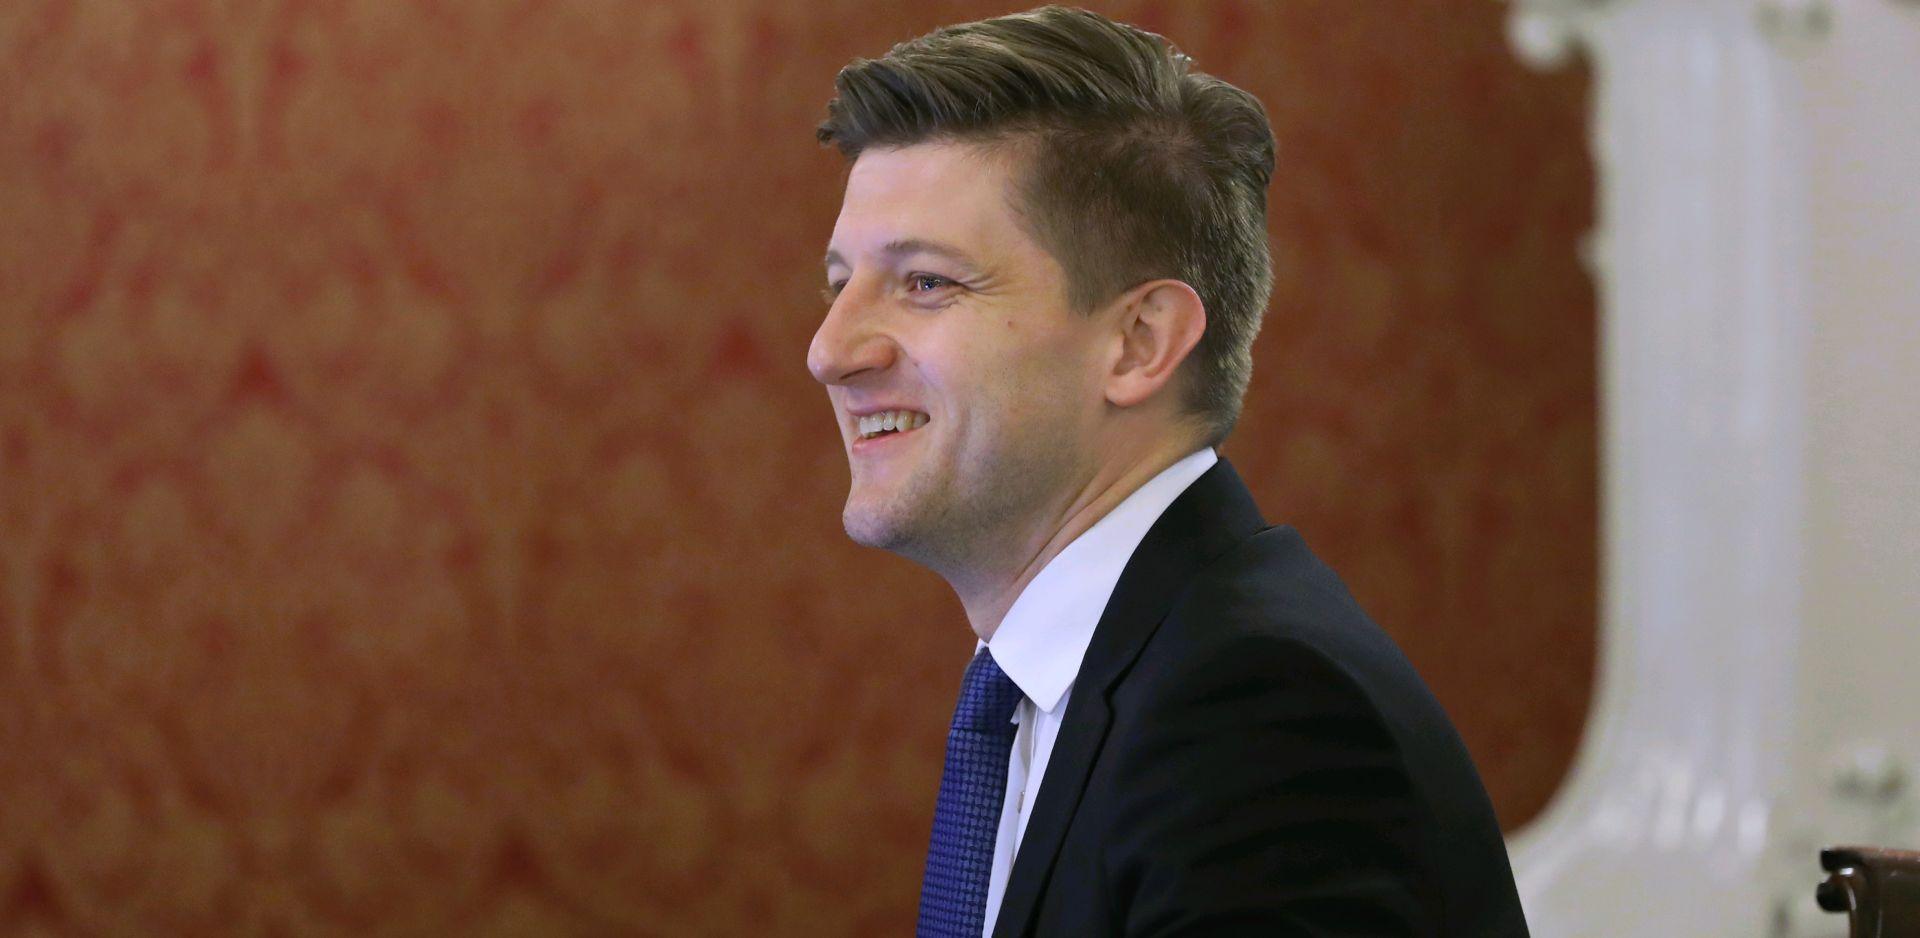 ZDRAVKO MARIĆ 'Namjeravamo nastaviti s trendom smanjivanja javnog duga'